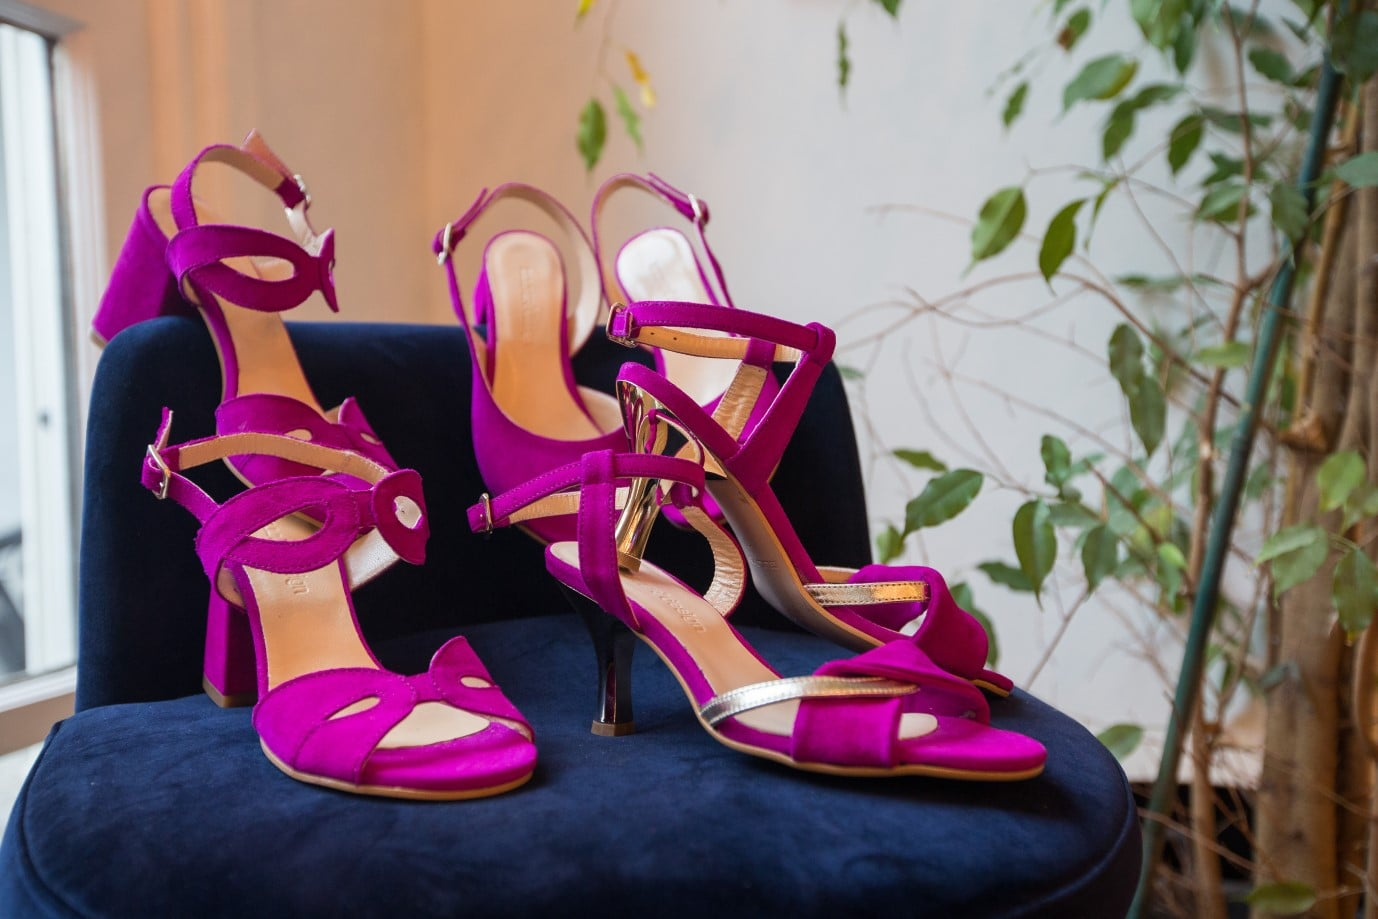 Guliver ljetnu kolekciju poželjela bi obuti i Carrie Bradshaw